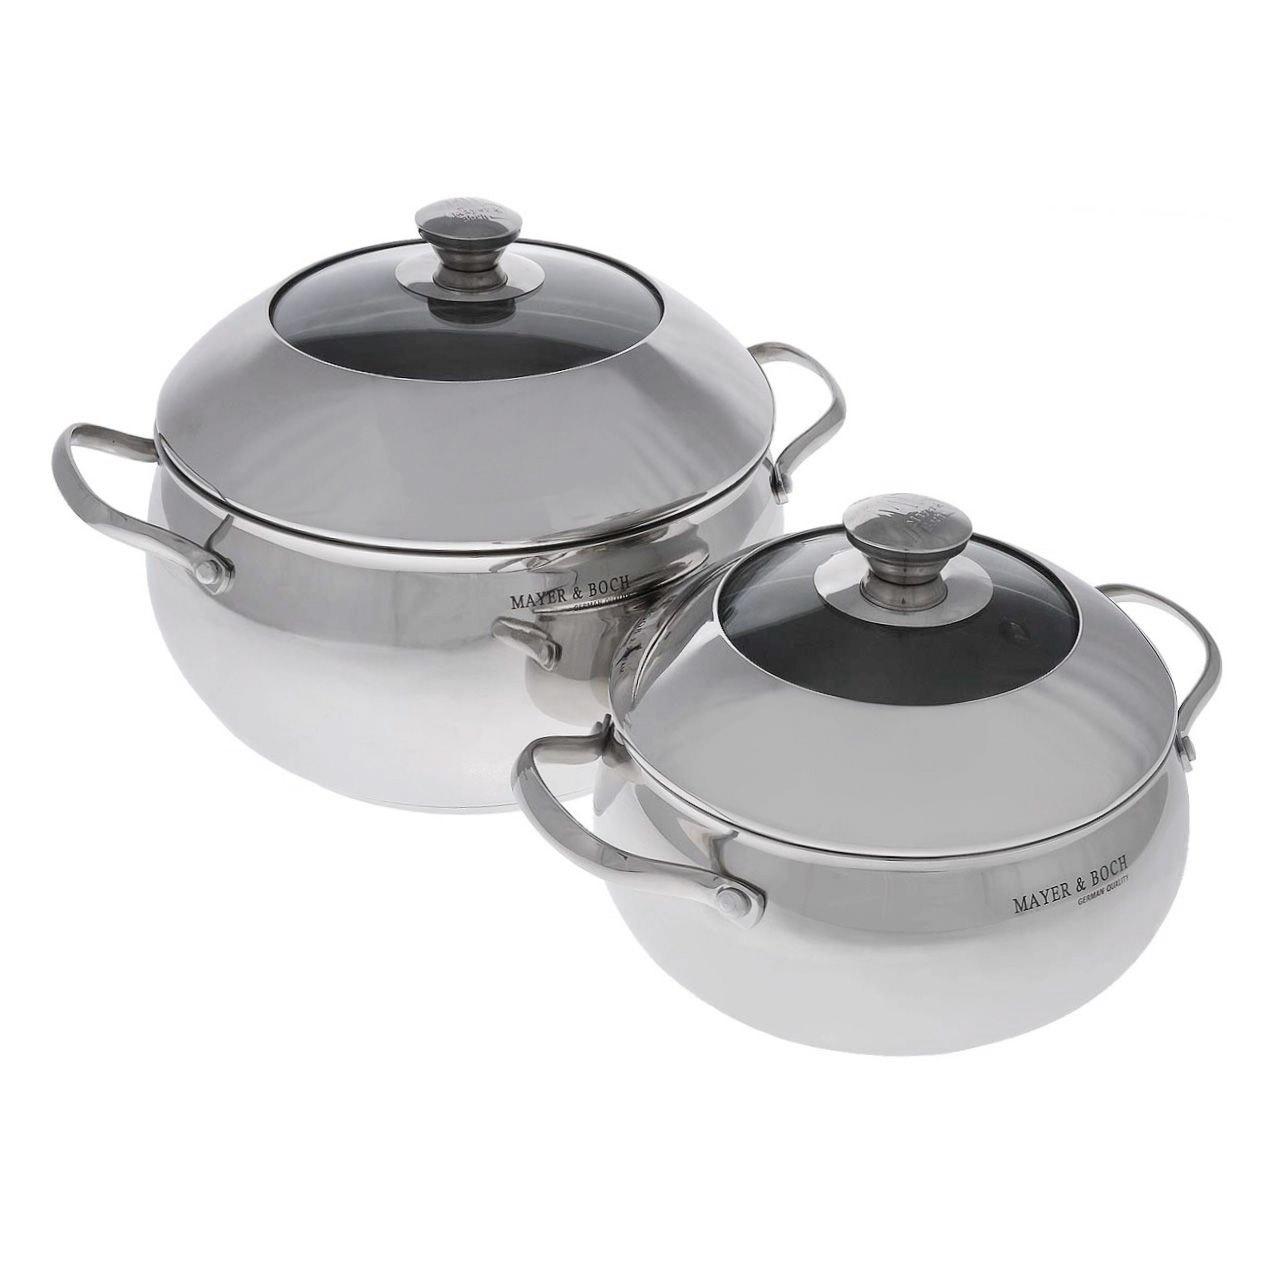 Набор посуды Mayer&boch 4 предмета